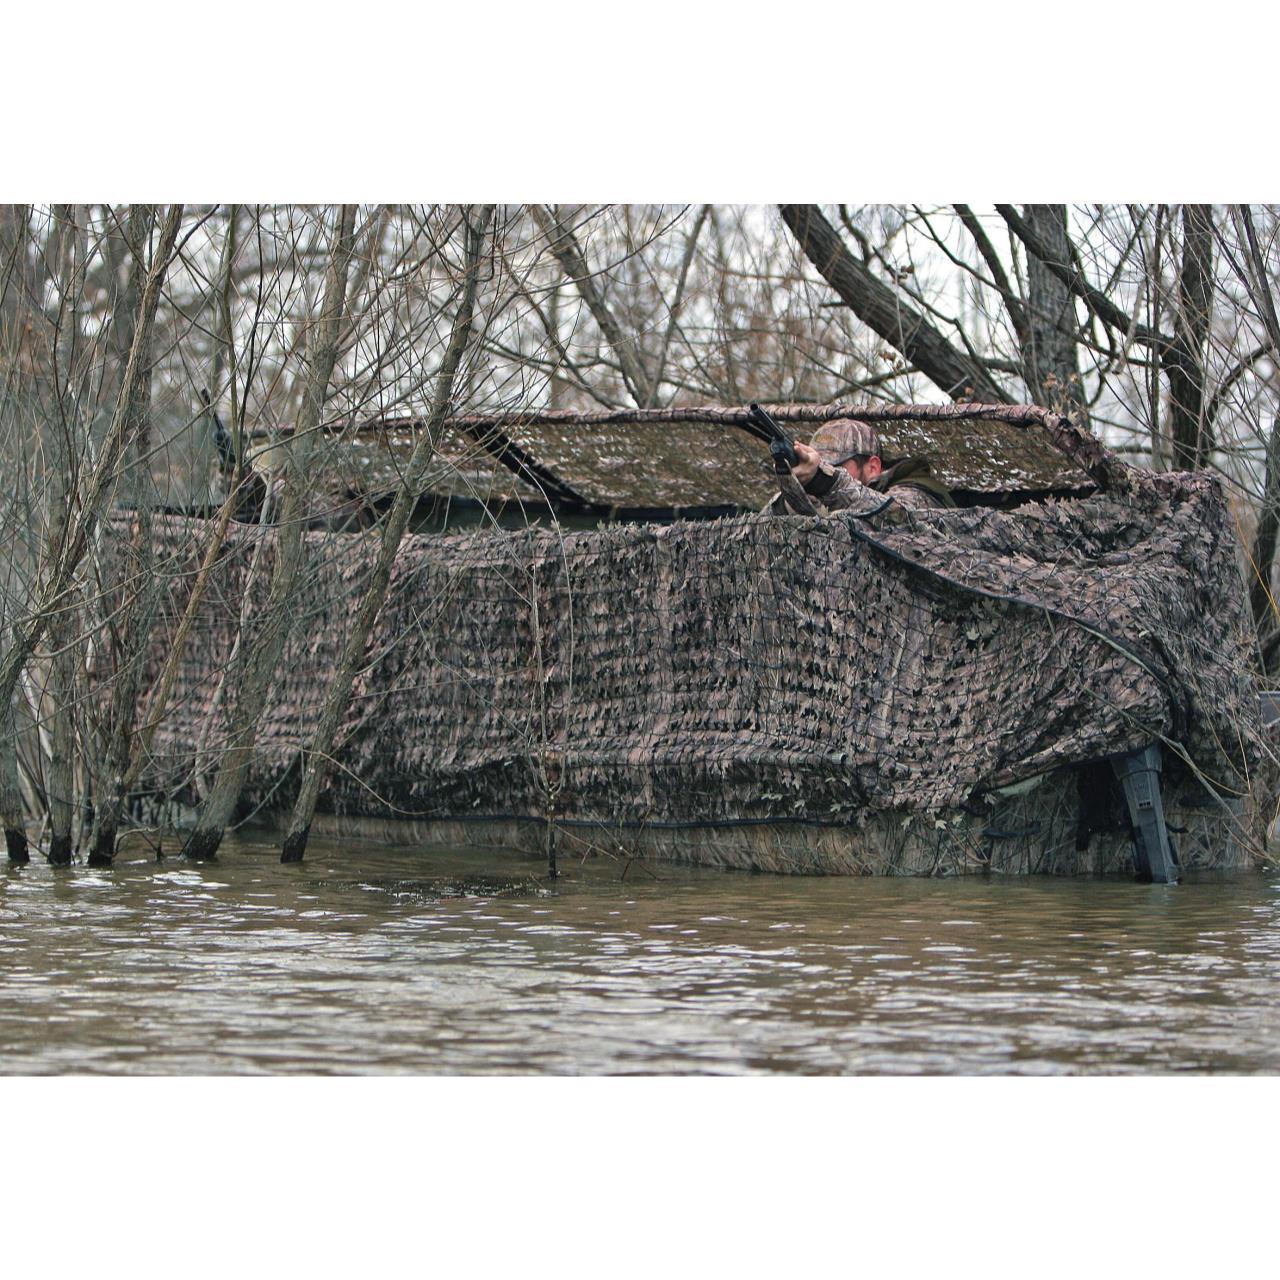 Avery Quick Set Boat Blind Kit 17 19 Bottomland